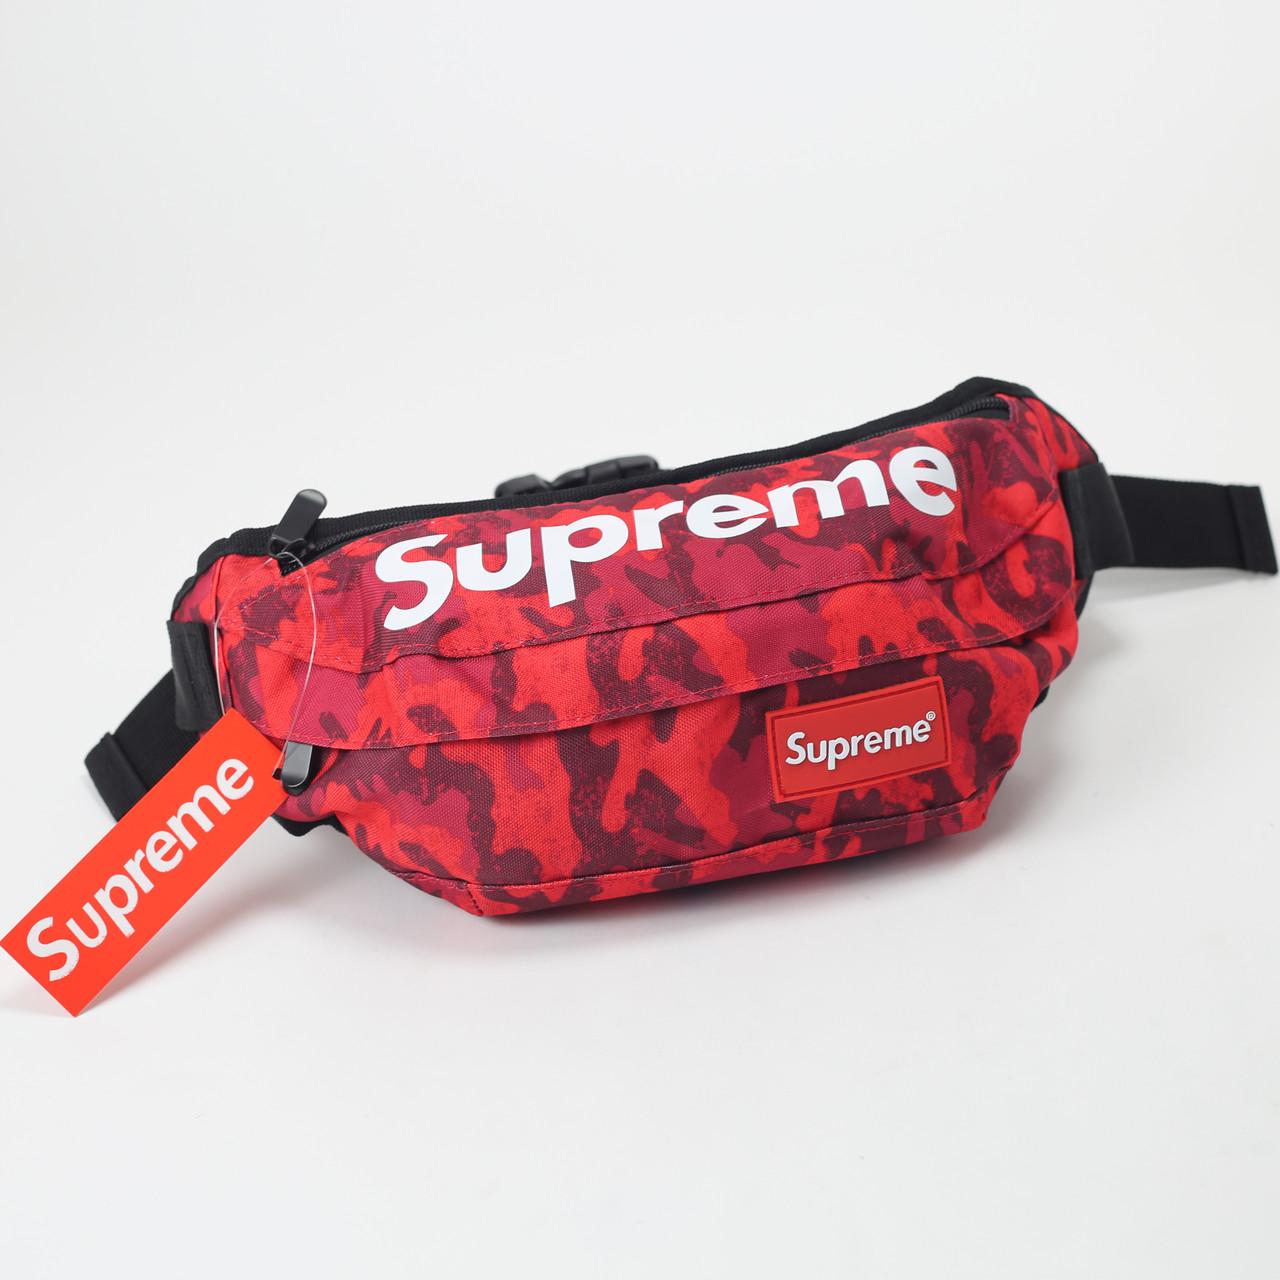 eaeacfd3e8a5 Поясная сумка Supreme Kamo Red реплика - Ataman Shop — Интернет-магазин  молодежной одежды в